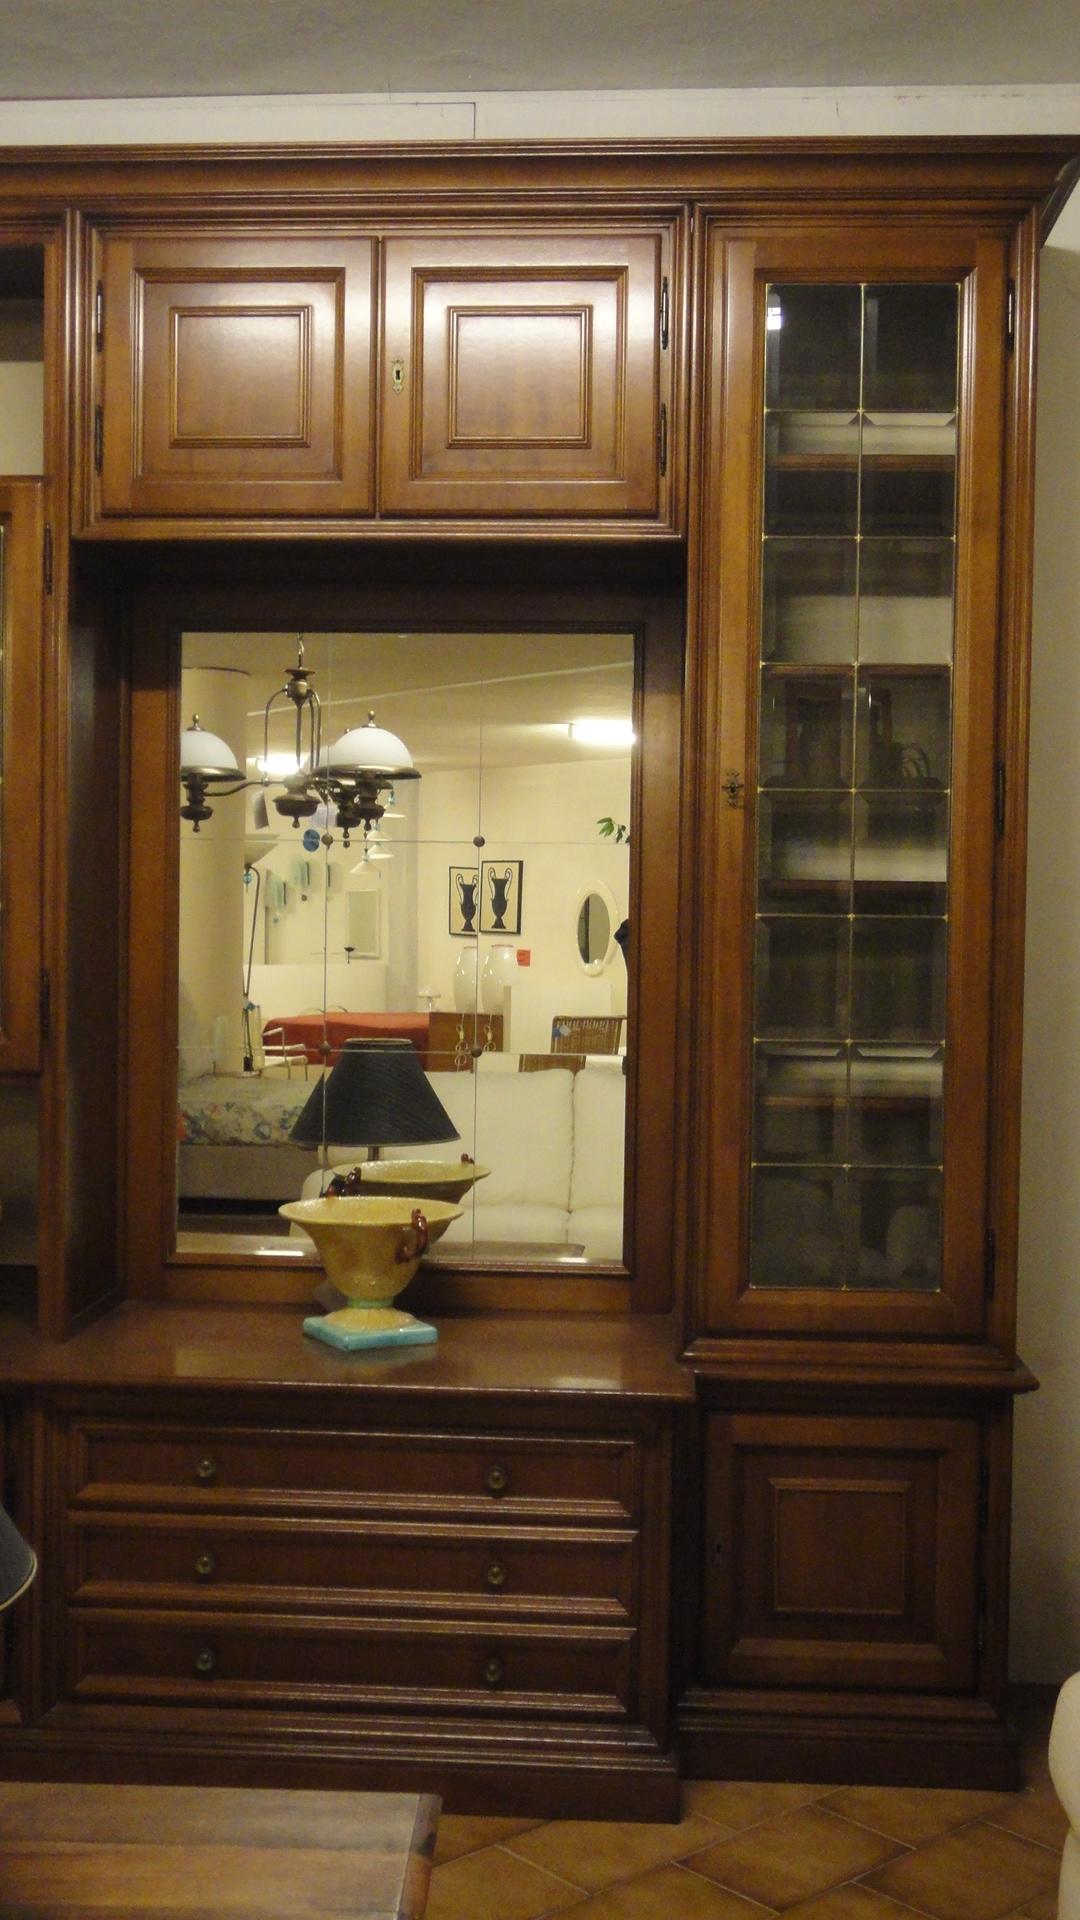 Parete Soggiorno Stile Classico : Parete soggiorno stile classico.